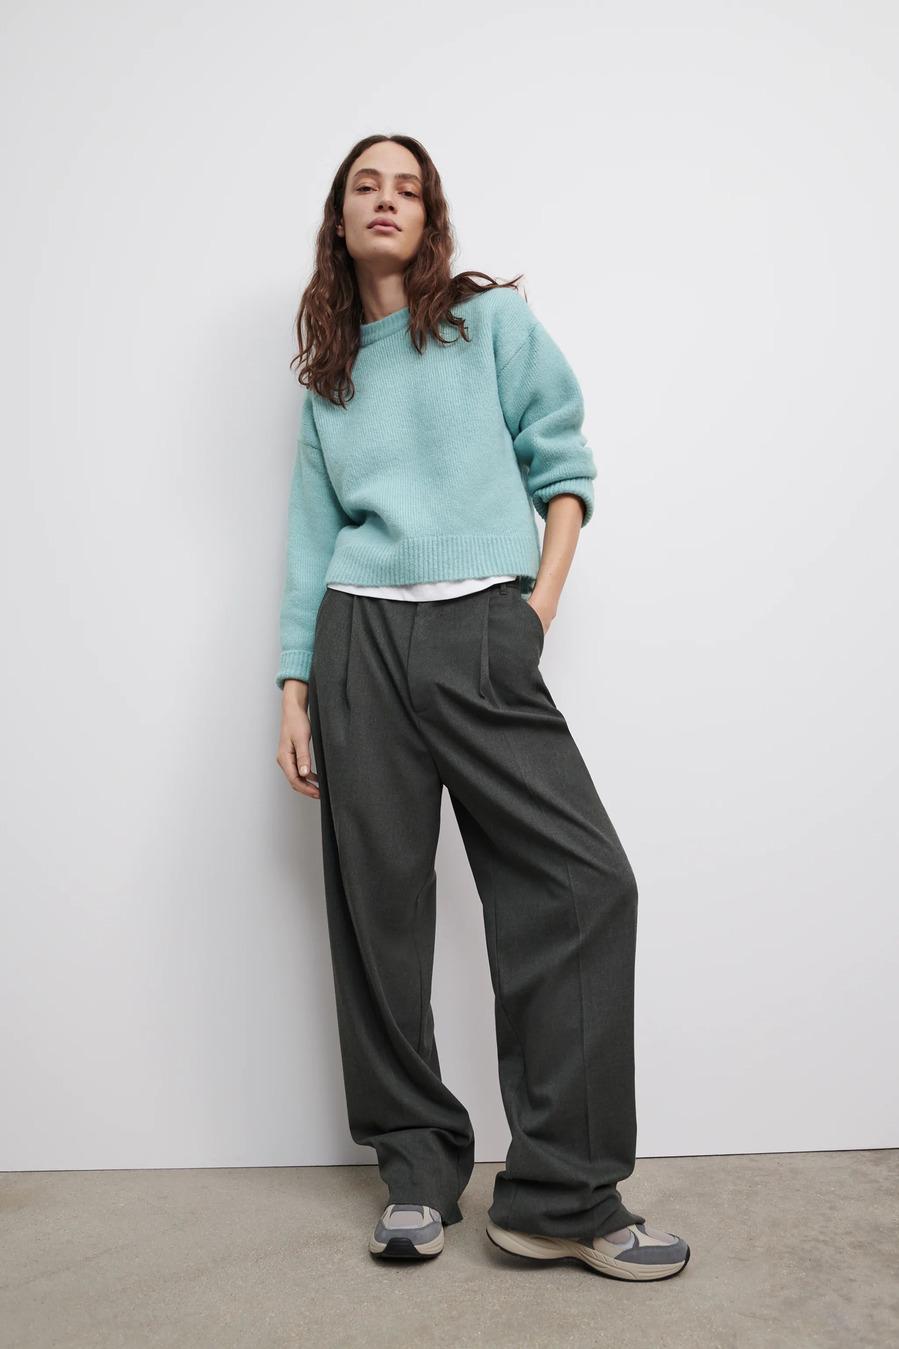 Pantalones anchos - Dúo ganador: pantalones de vestir + deportivas